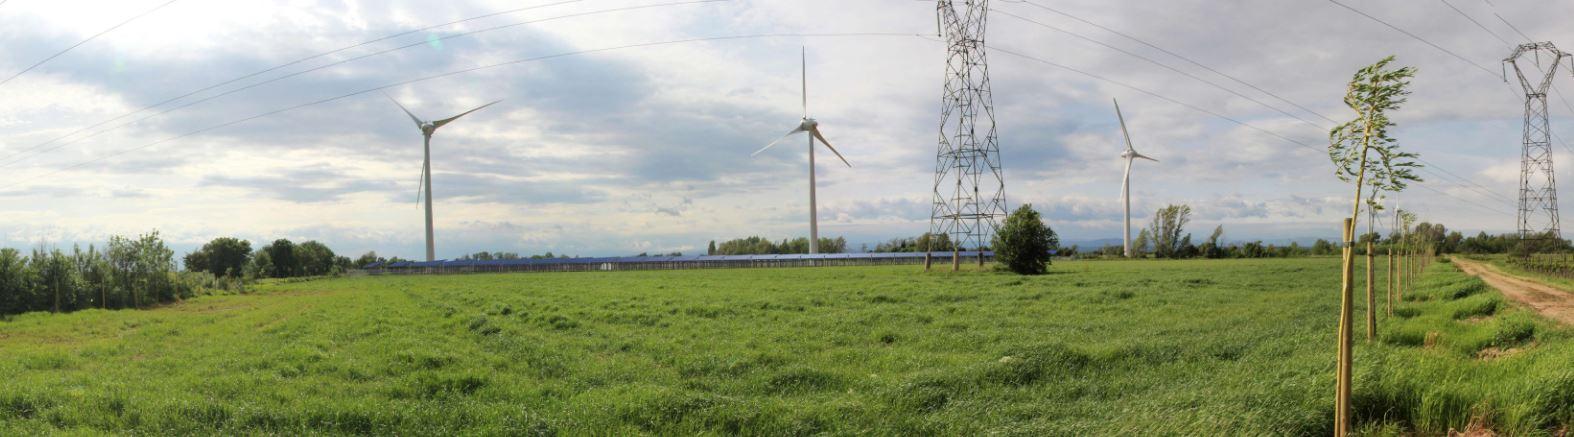 Projet photovoltaique au sol à Cuxac d'Aude dans l'Aude